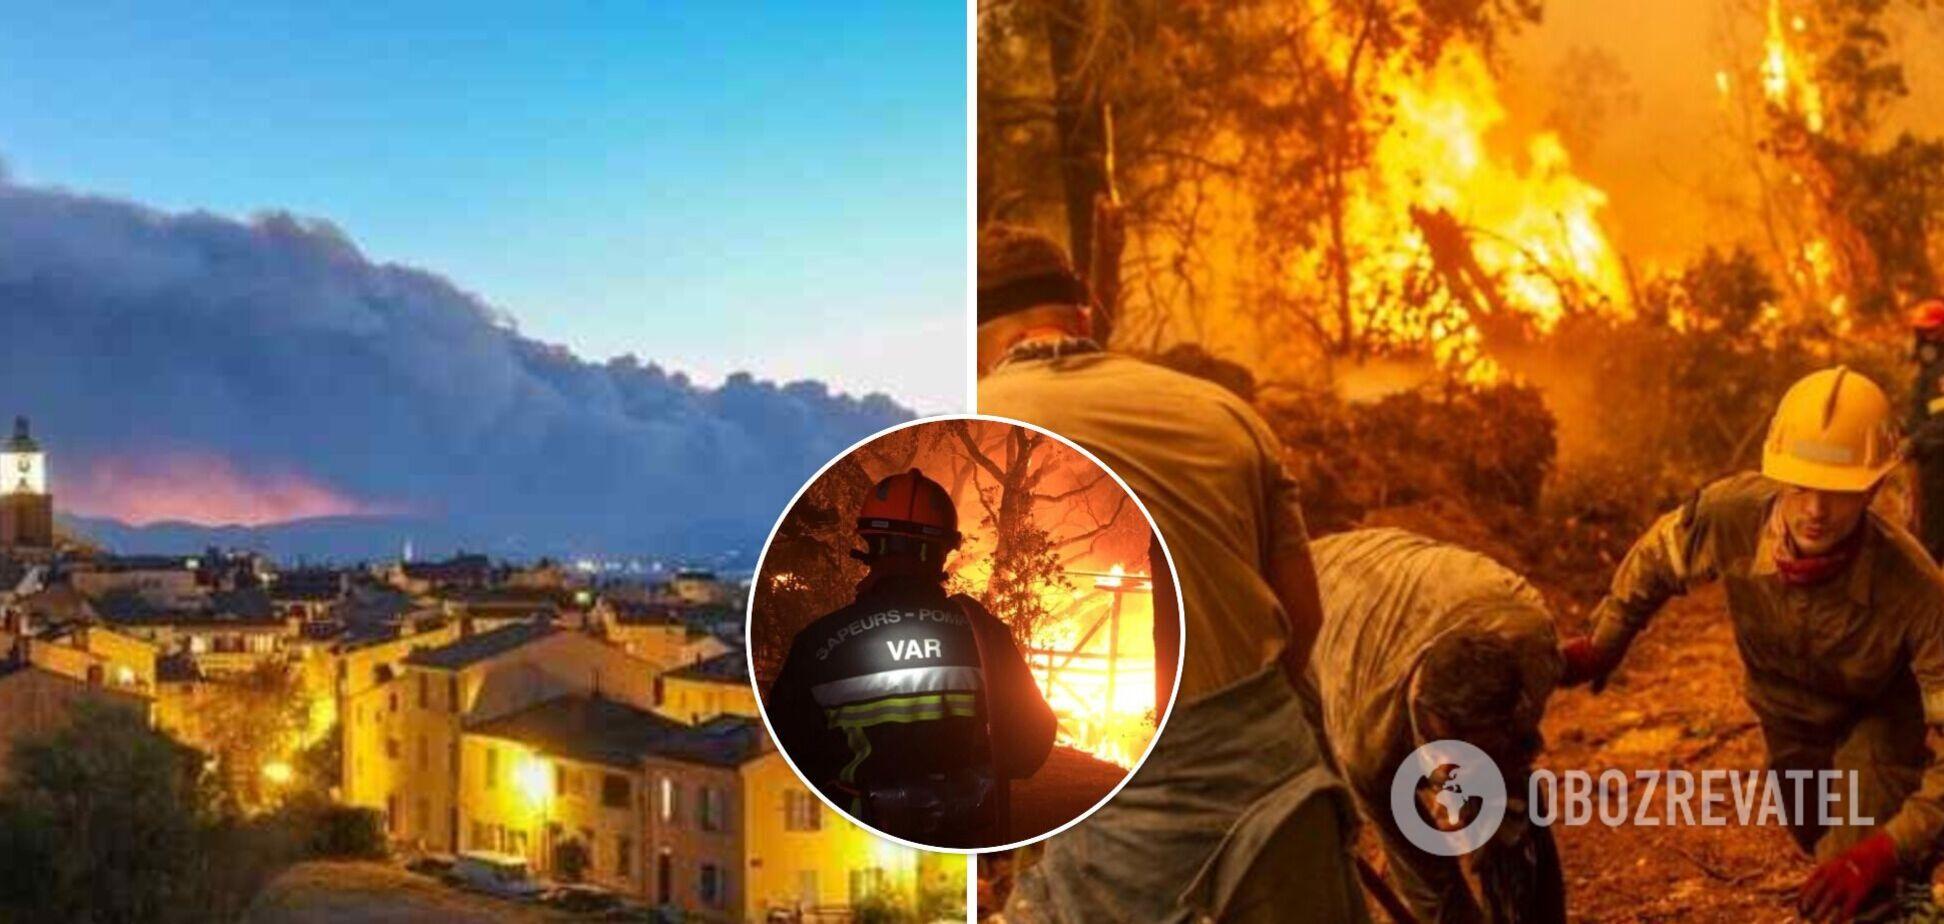 Из-за пожаров на юге Франции власти эвакуировали тысячи людей